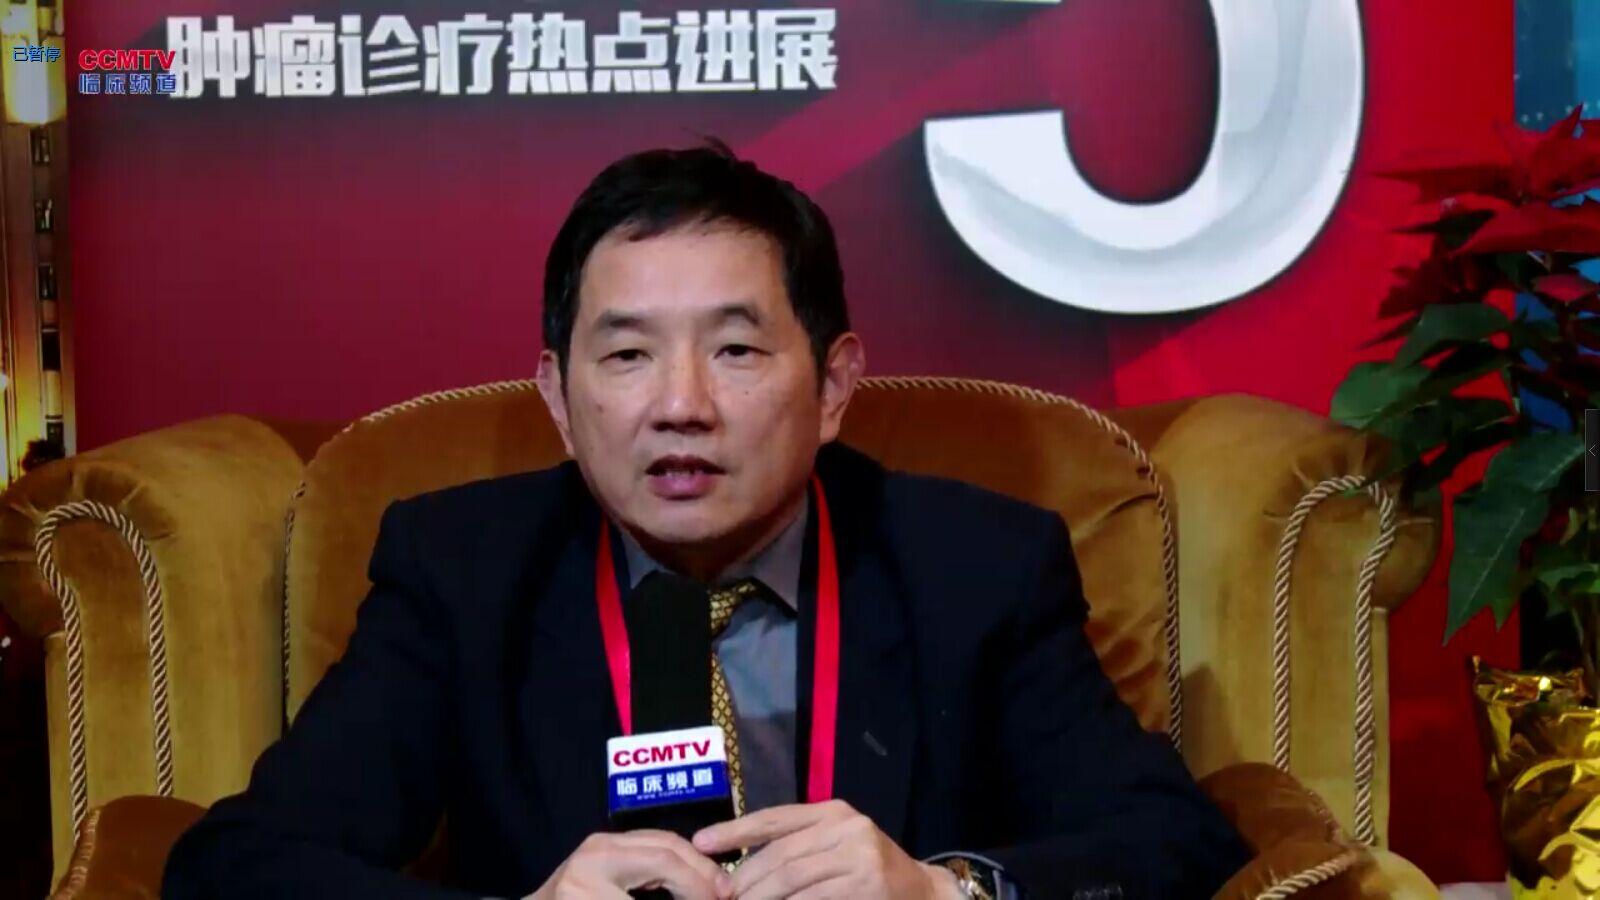 医政 多点执业  张苏展:中国现阶段多点执业较为理想,难以推行